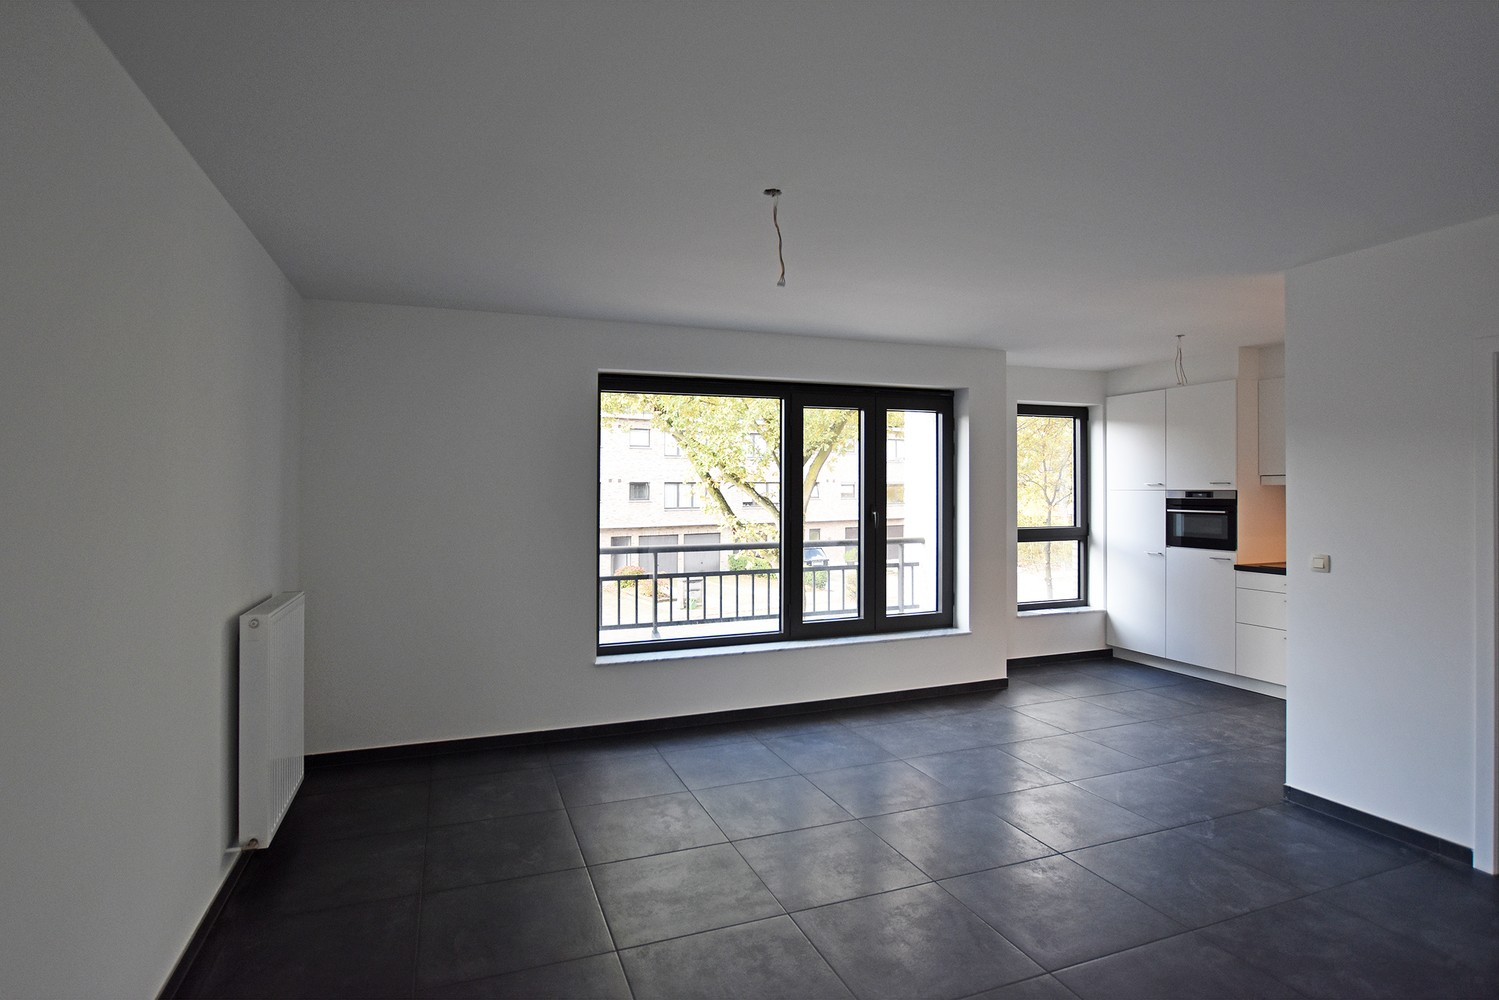 Gloednieuw appartement met drie slaapkamers, terras en autostaanplaats te Brasschaat! afbeelding 3